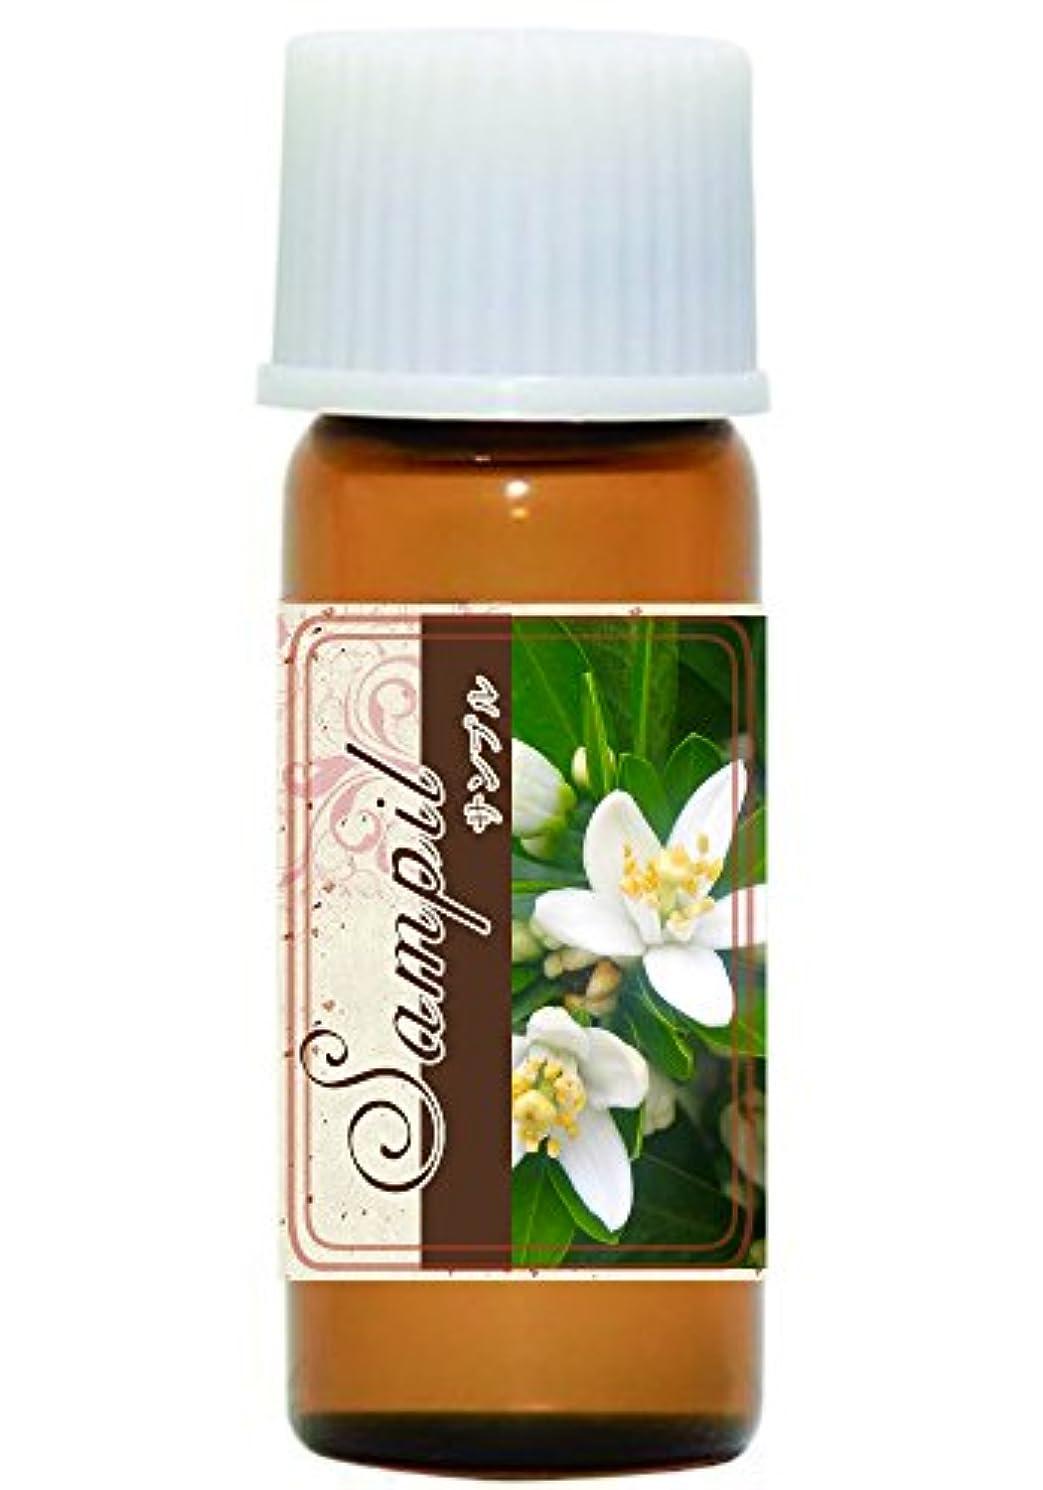 影のある磁石遅らせる【お試しサンプル】 ネロリ(ビターオレンジ花の精油) 0.3ml 100% エッセンシャルオイル アロマオイル